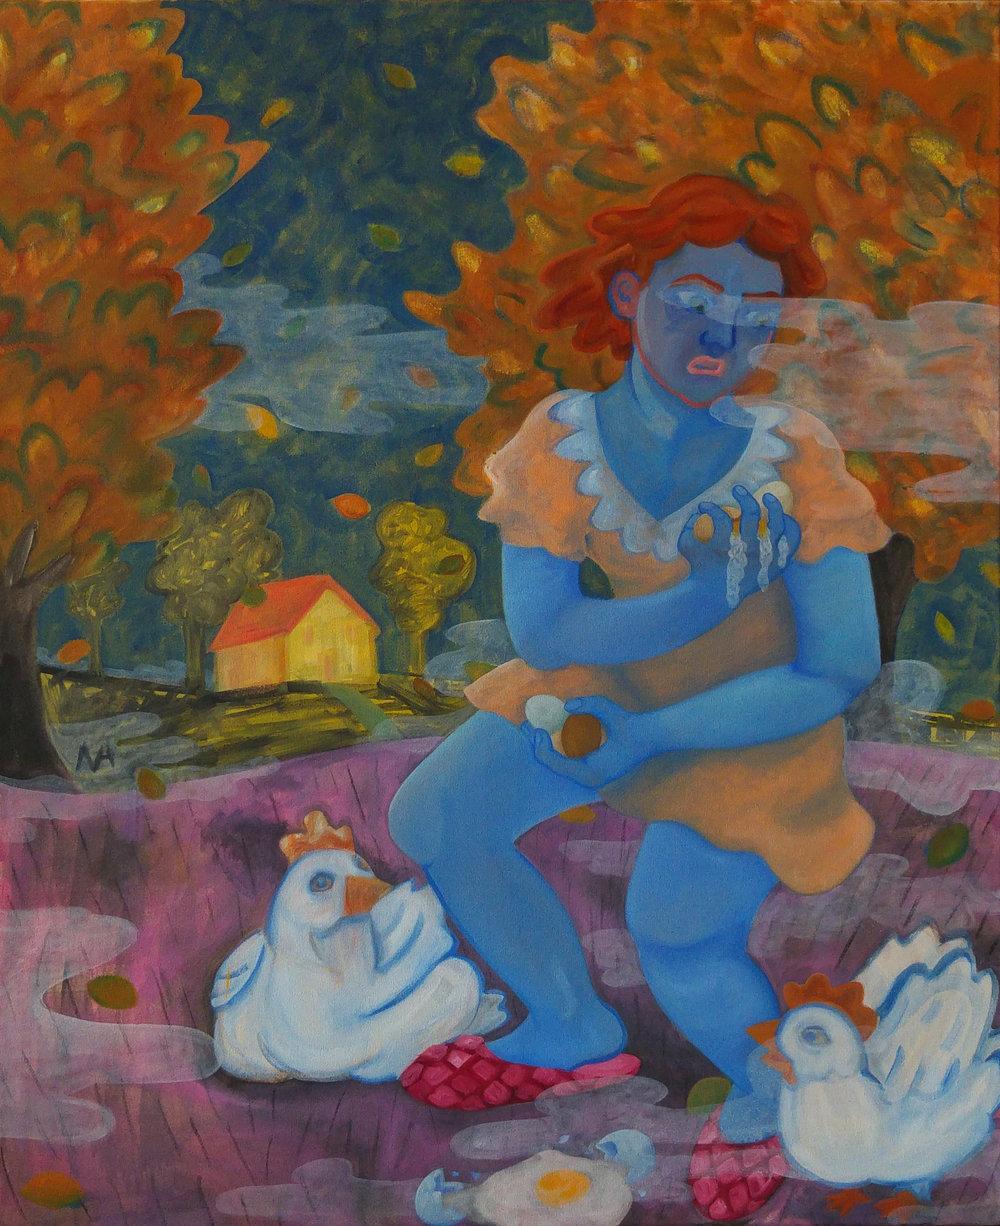 Nabila Attar - Nabila Attar hat Bildende Kunst mit dem Schwerpunkt Malerei an der Gray's School of Art in Aberdeen und der Akademie výtvarných umění in Prag studiert. Sie lebt und arbeitet in Hamburg. Die während ihres Aufenthalts auf Marthashofen entstehende Arbeit wird sich mit dem mimetischen Impuls und den Fallstricken der Repräsentation befassen. Das Stichwort Schöpfung aufgreifend, möchte sie den Schaffensprozess im Austausch mit Anwohnern und Interessierten seinen Lauf finden oder auch entgleisen lassen.